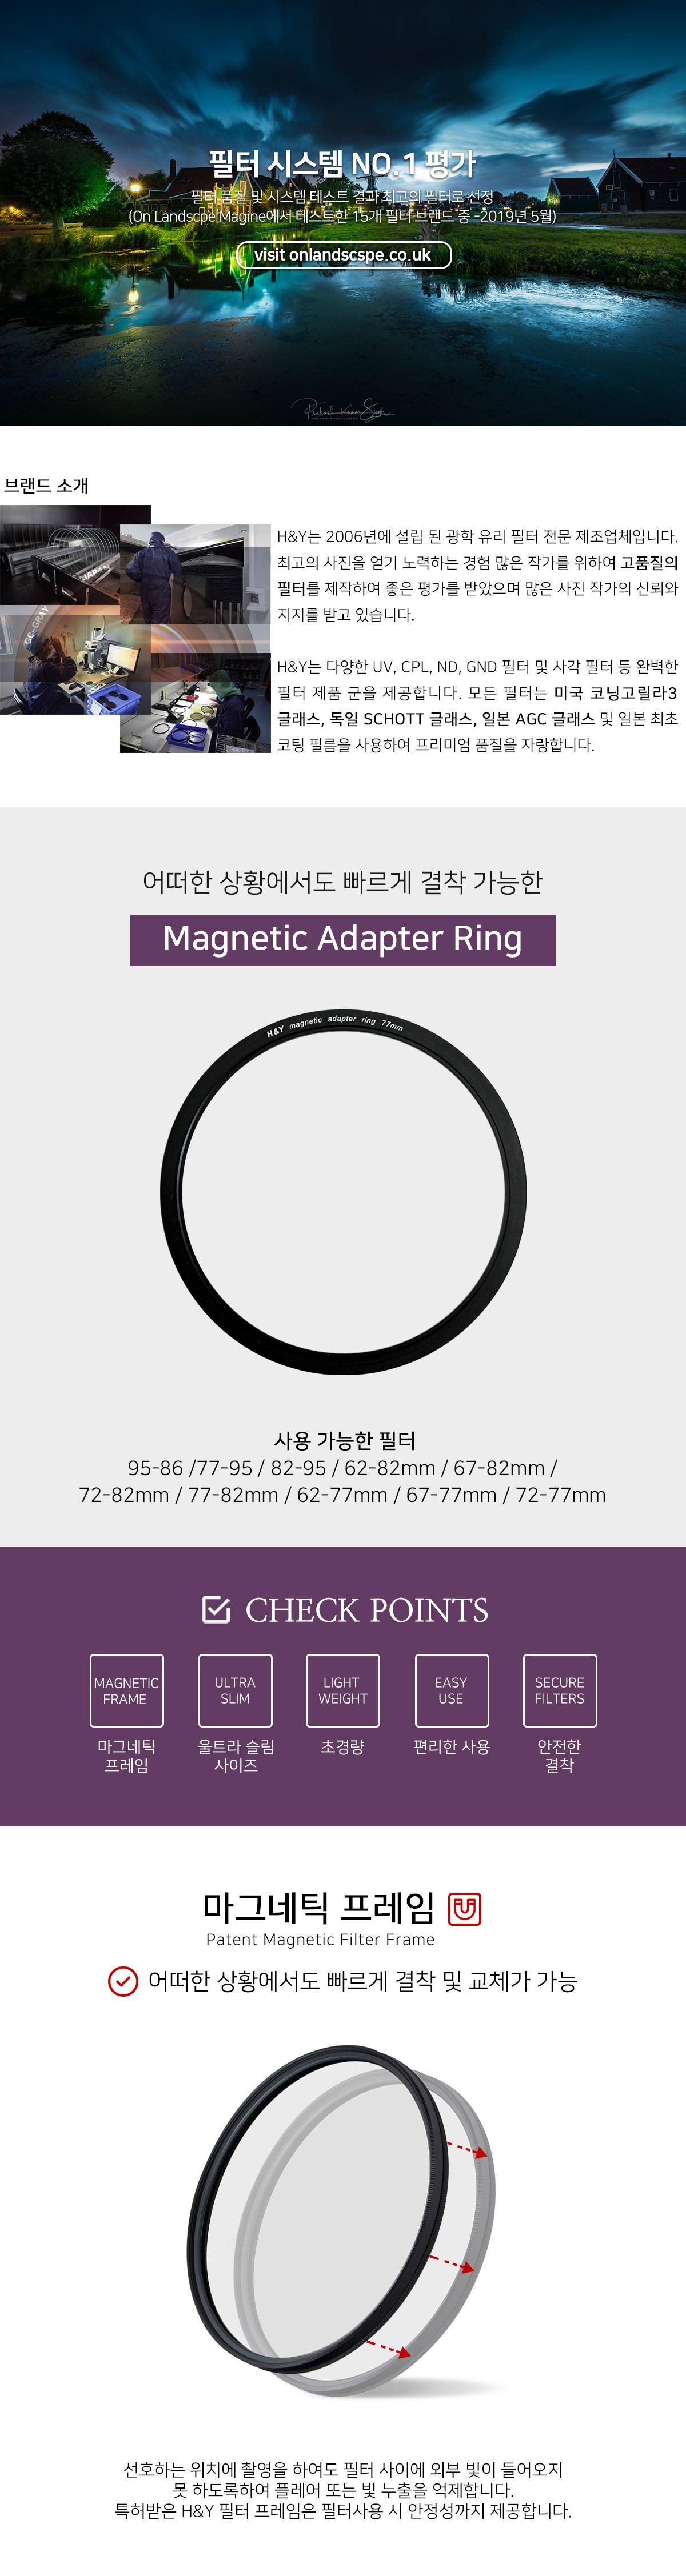 adapter_ring_01.jpg